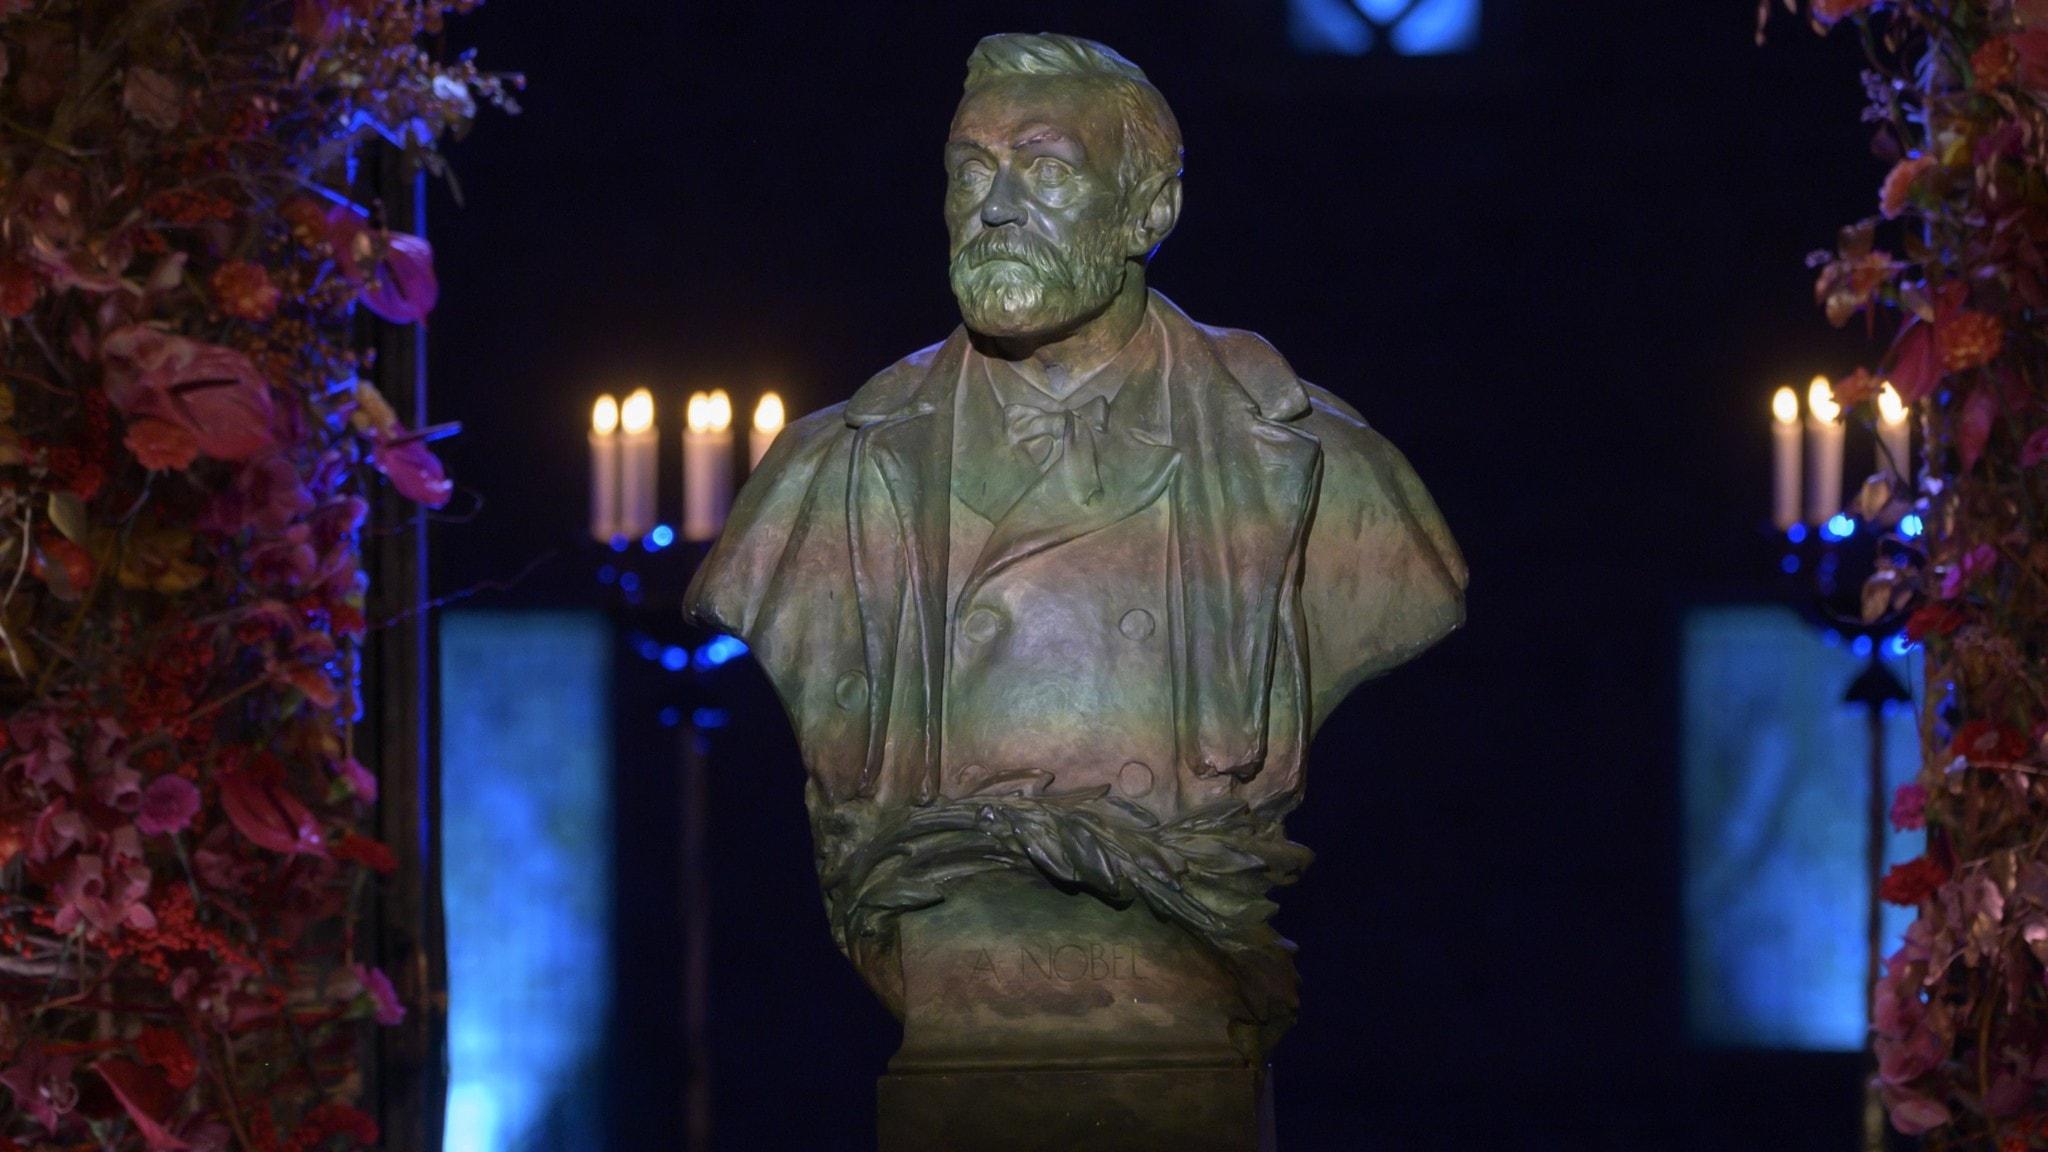 A bust of a man.